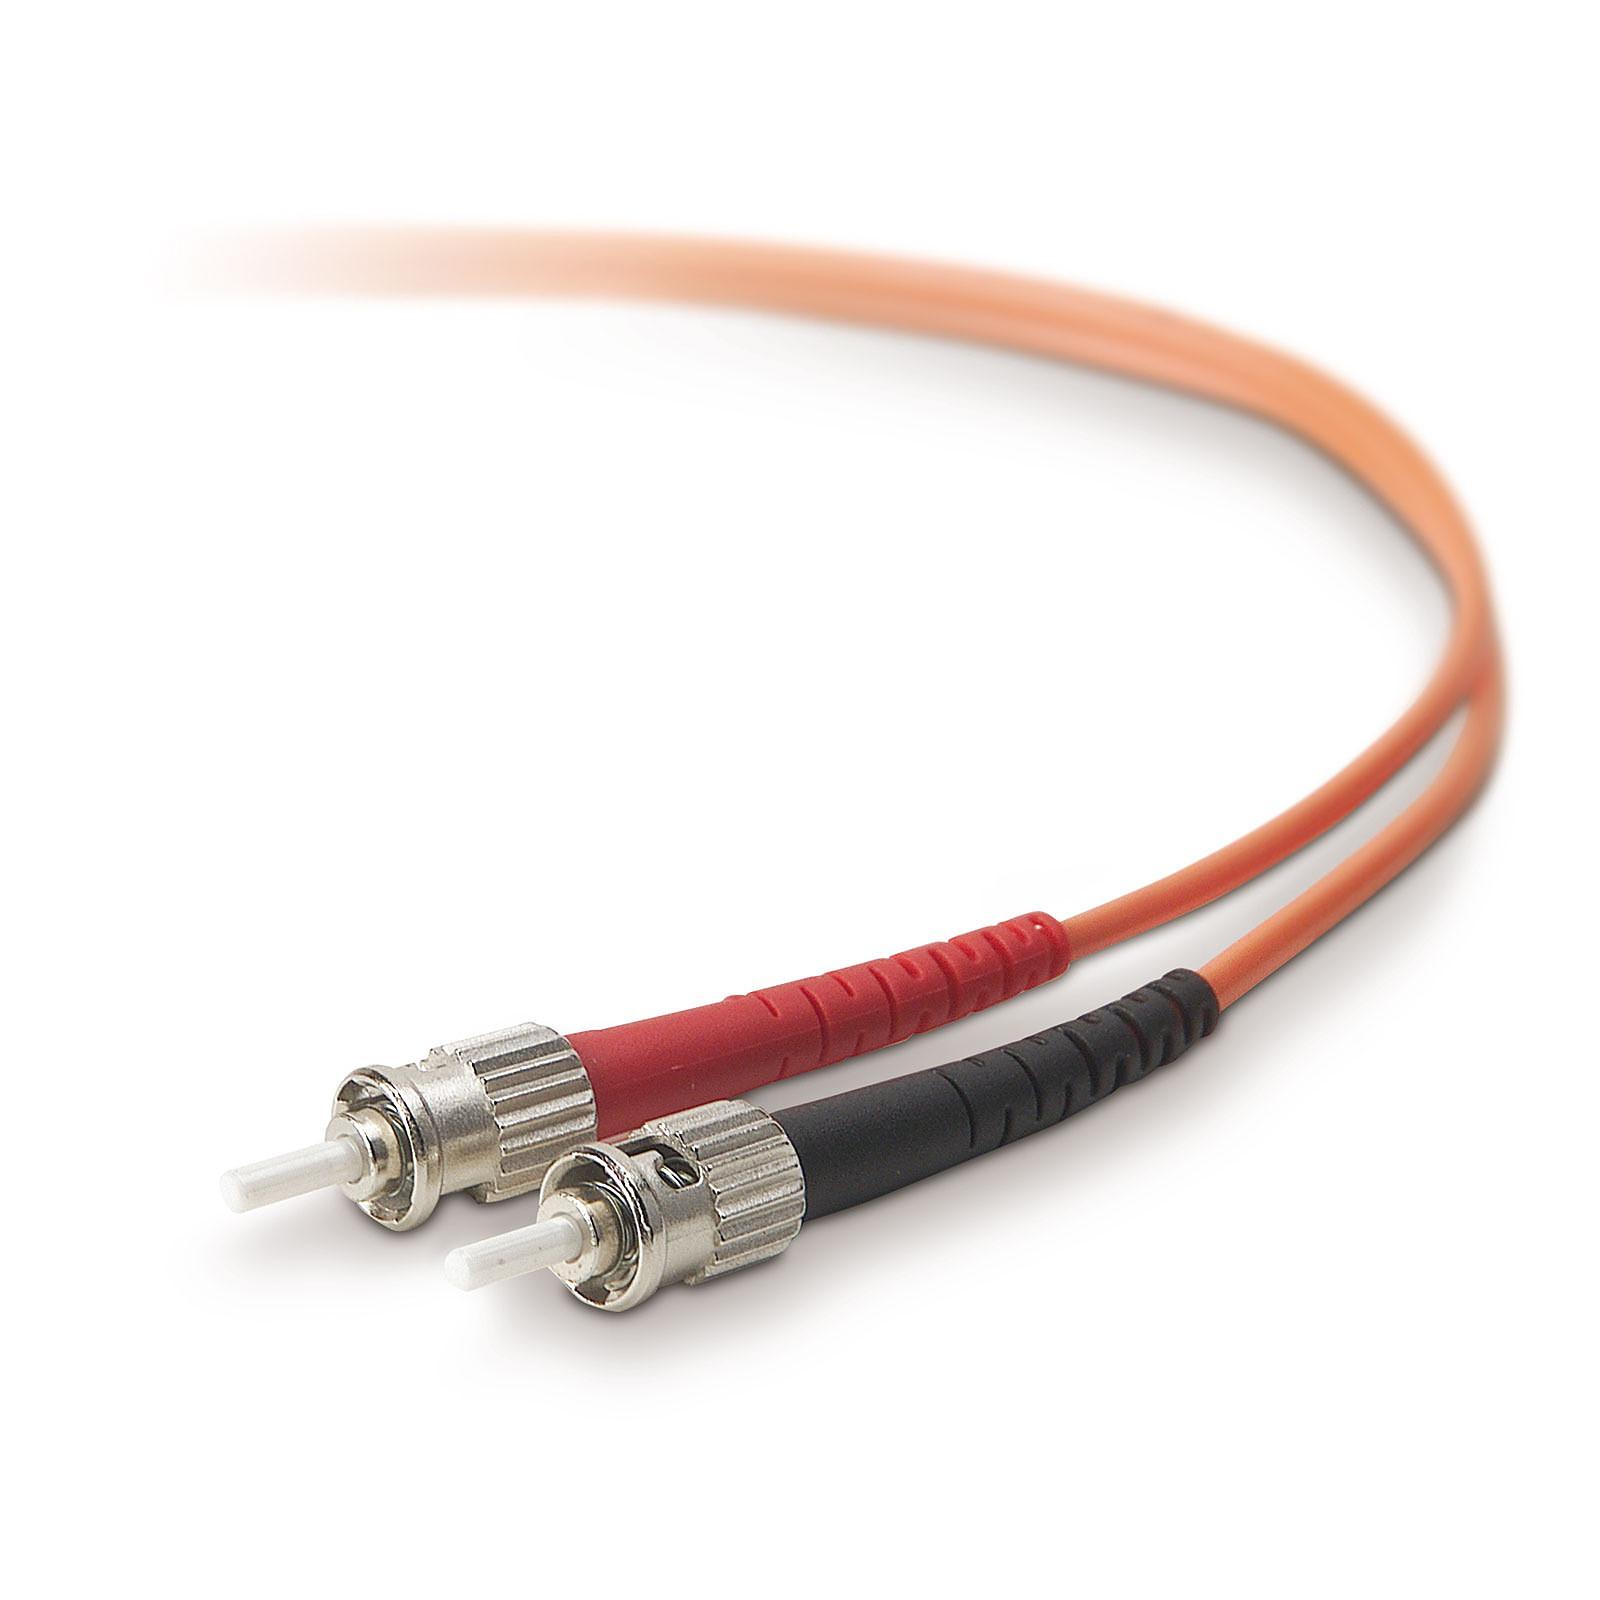 Belkin Câble fibre optique multimode 62.5/125 ST/ST (2 mètres)